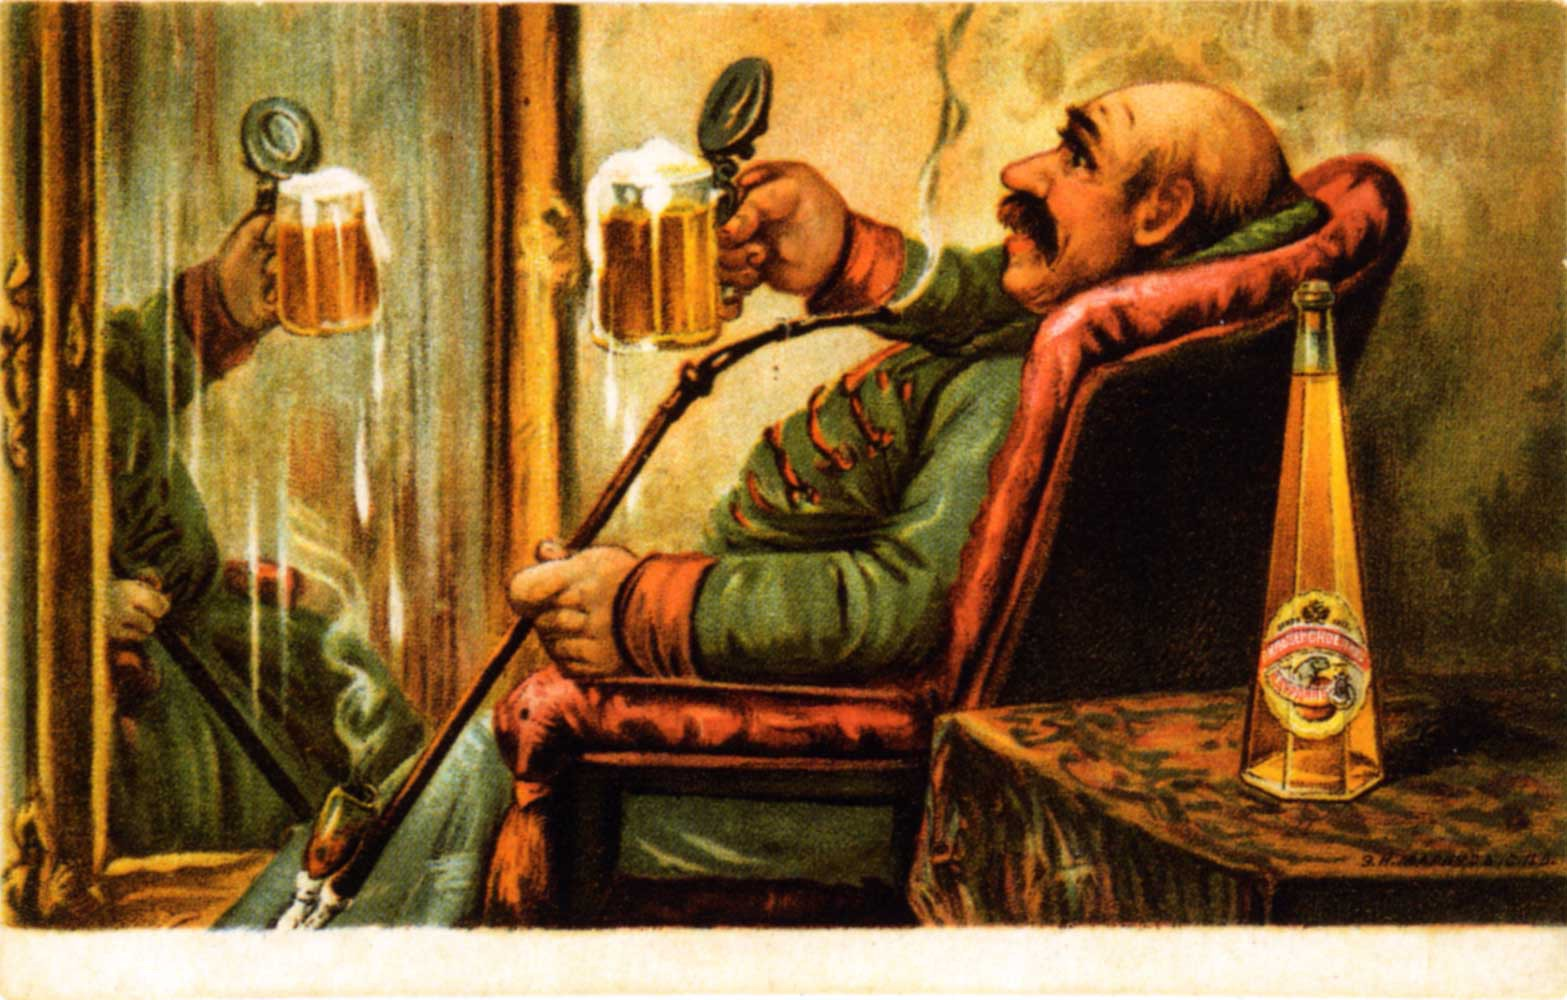 открытки с пьющими